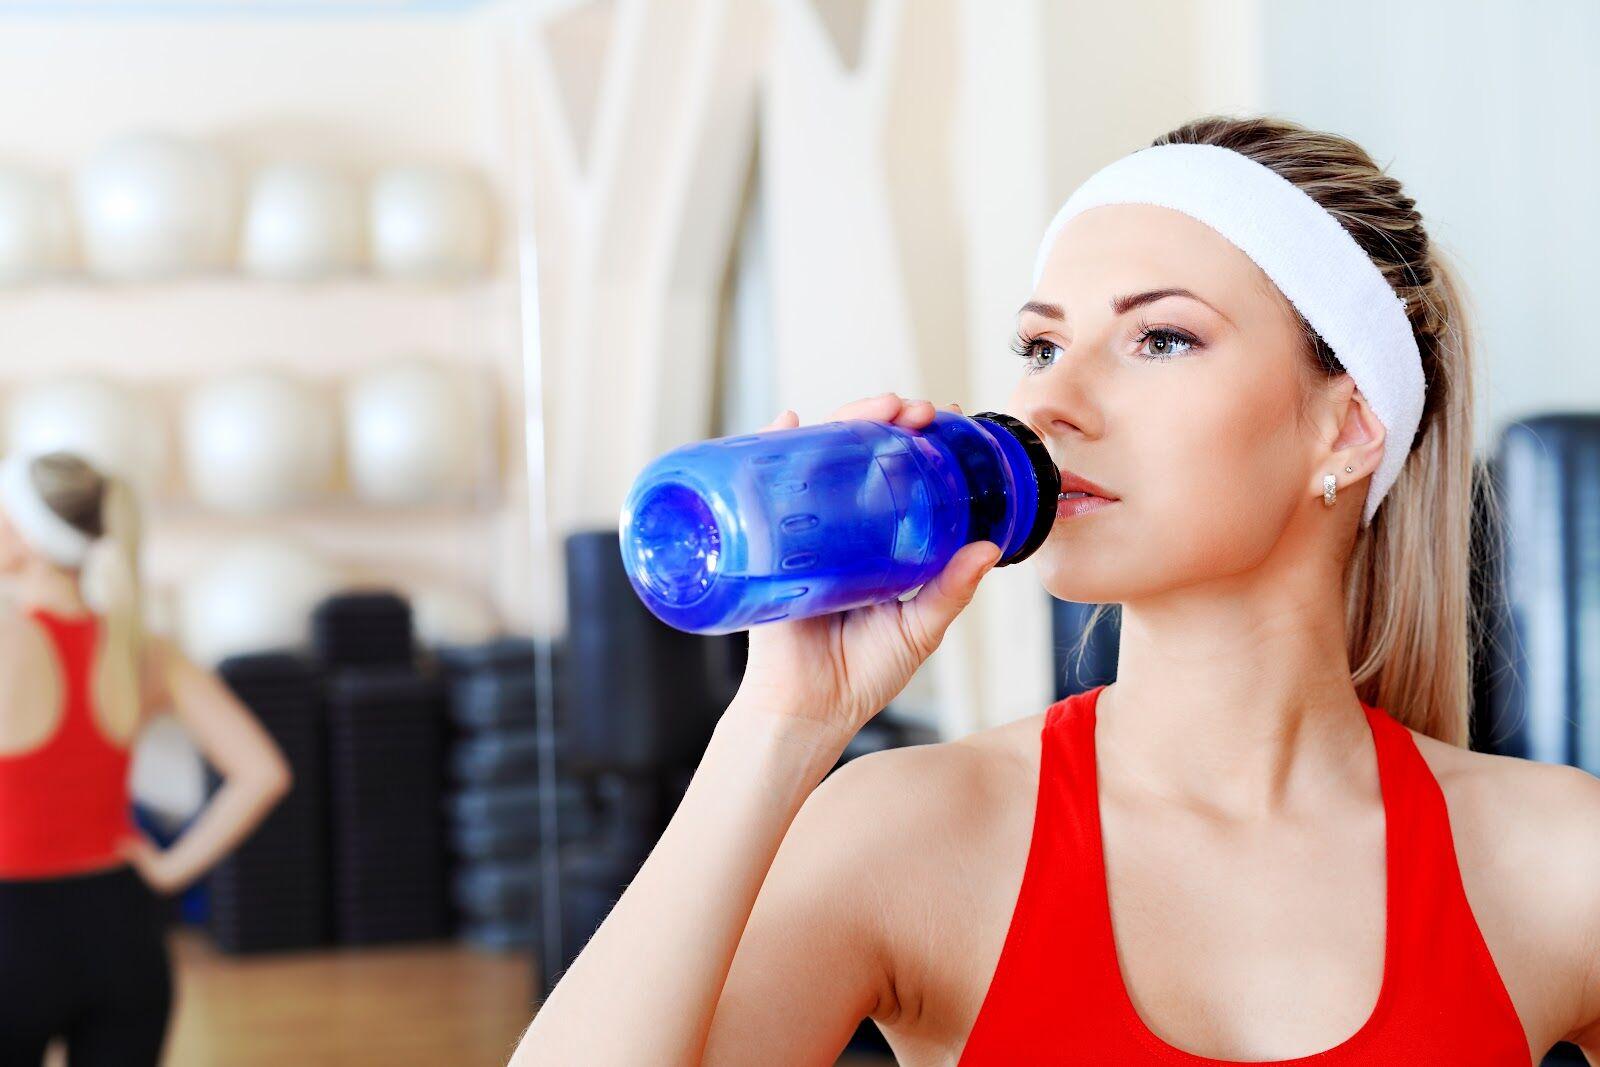 Питьевой режим во время занятий фитнесом